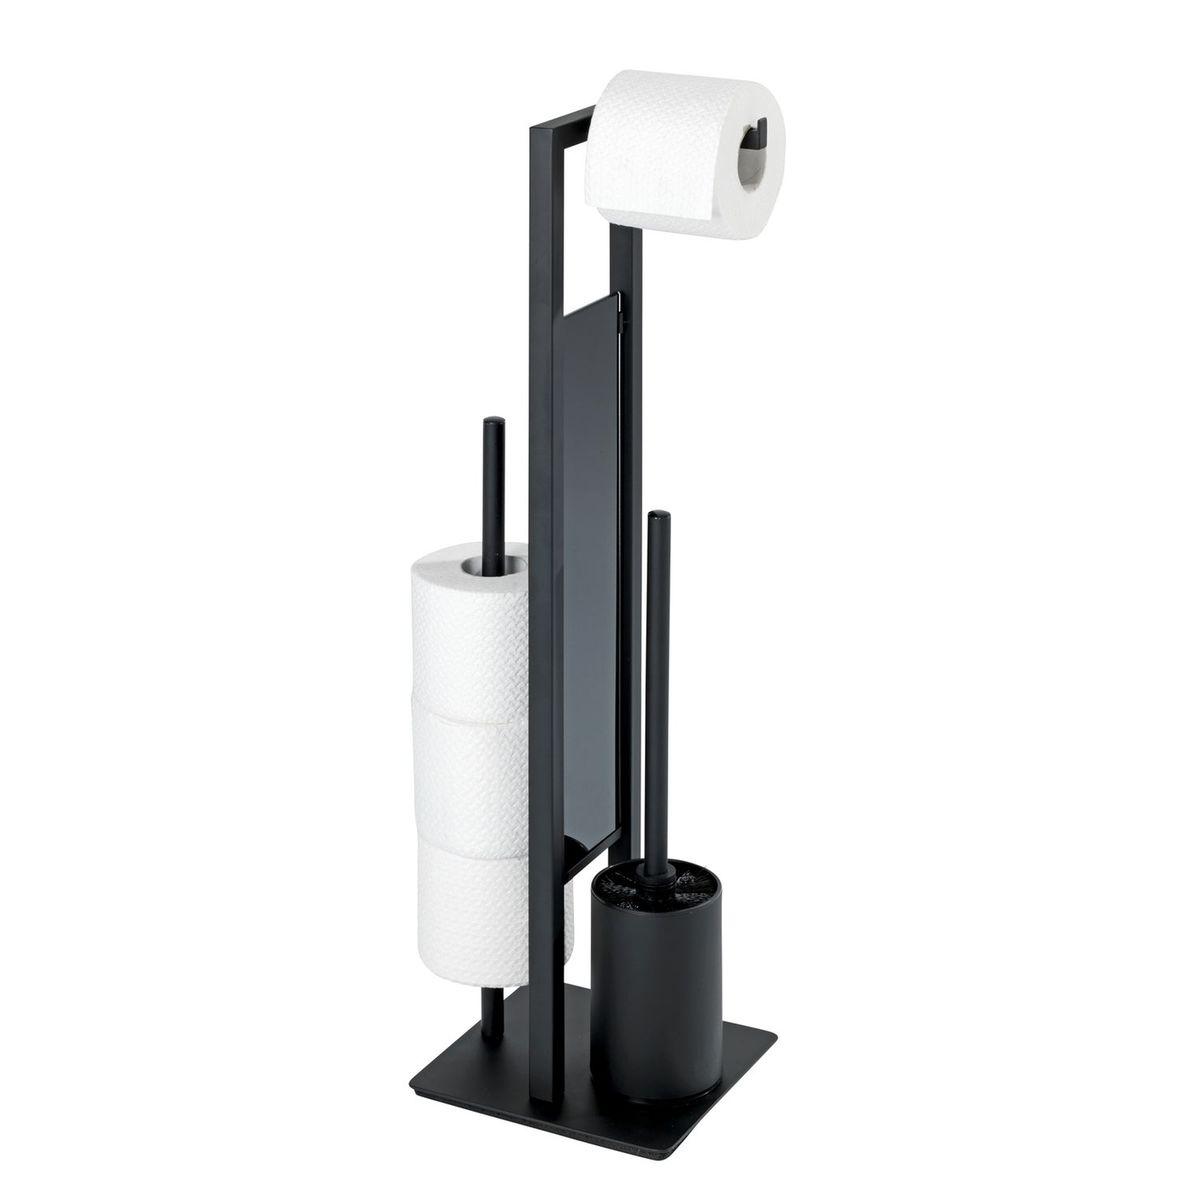 Valet wc design rivalta h 70 cm accessoires salle de Accessoires salle de bain inox